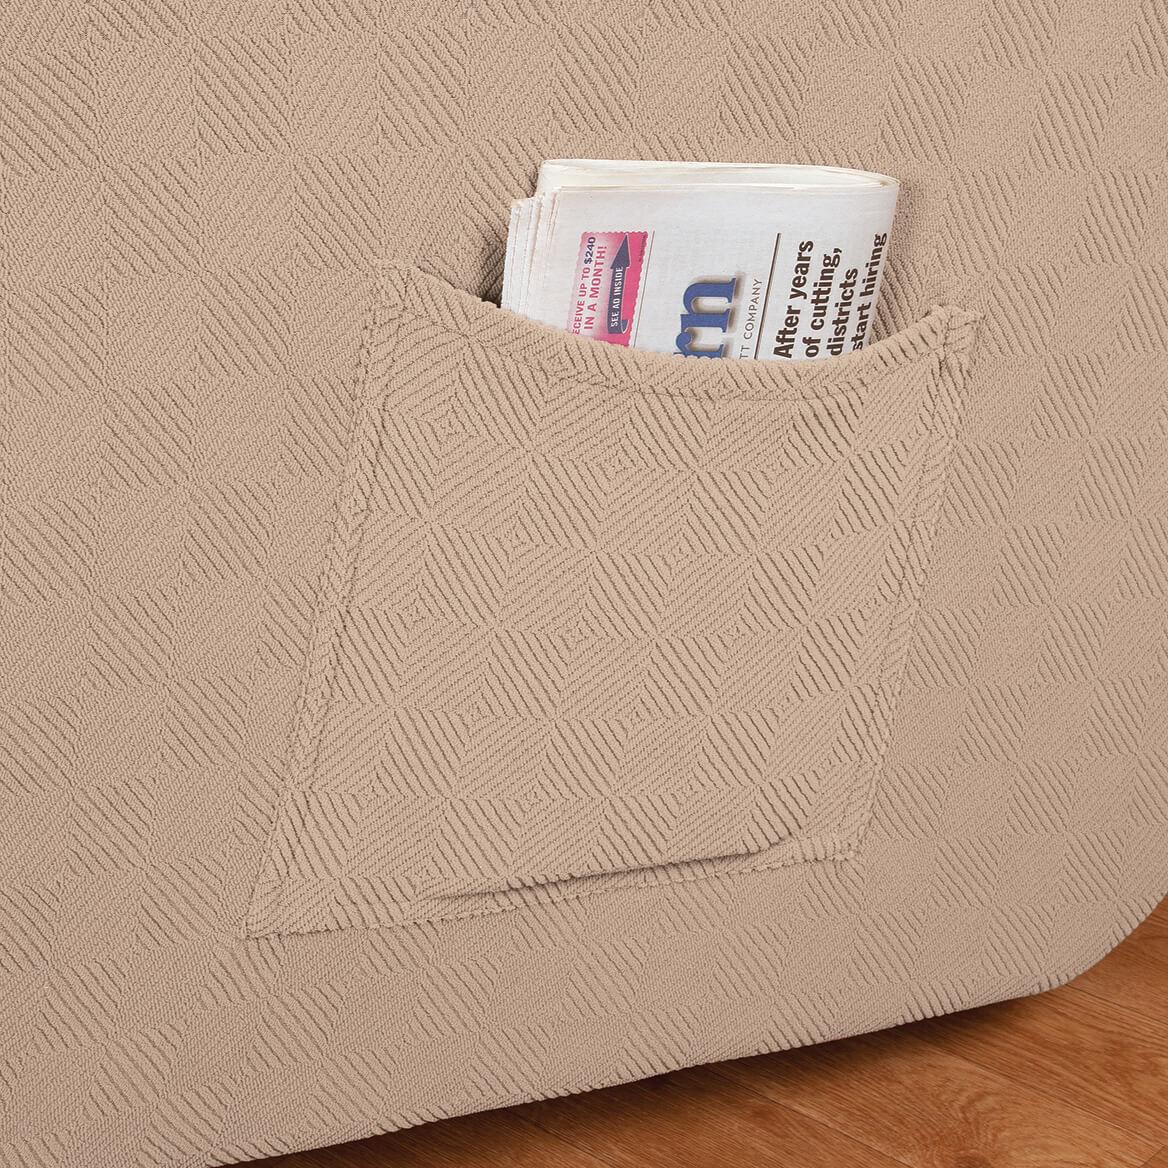 Newport Stretch Furniture Recliner Cover-350217